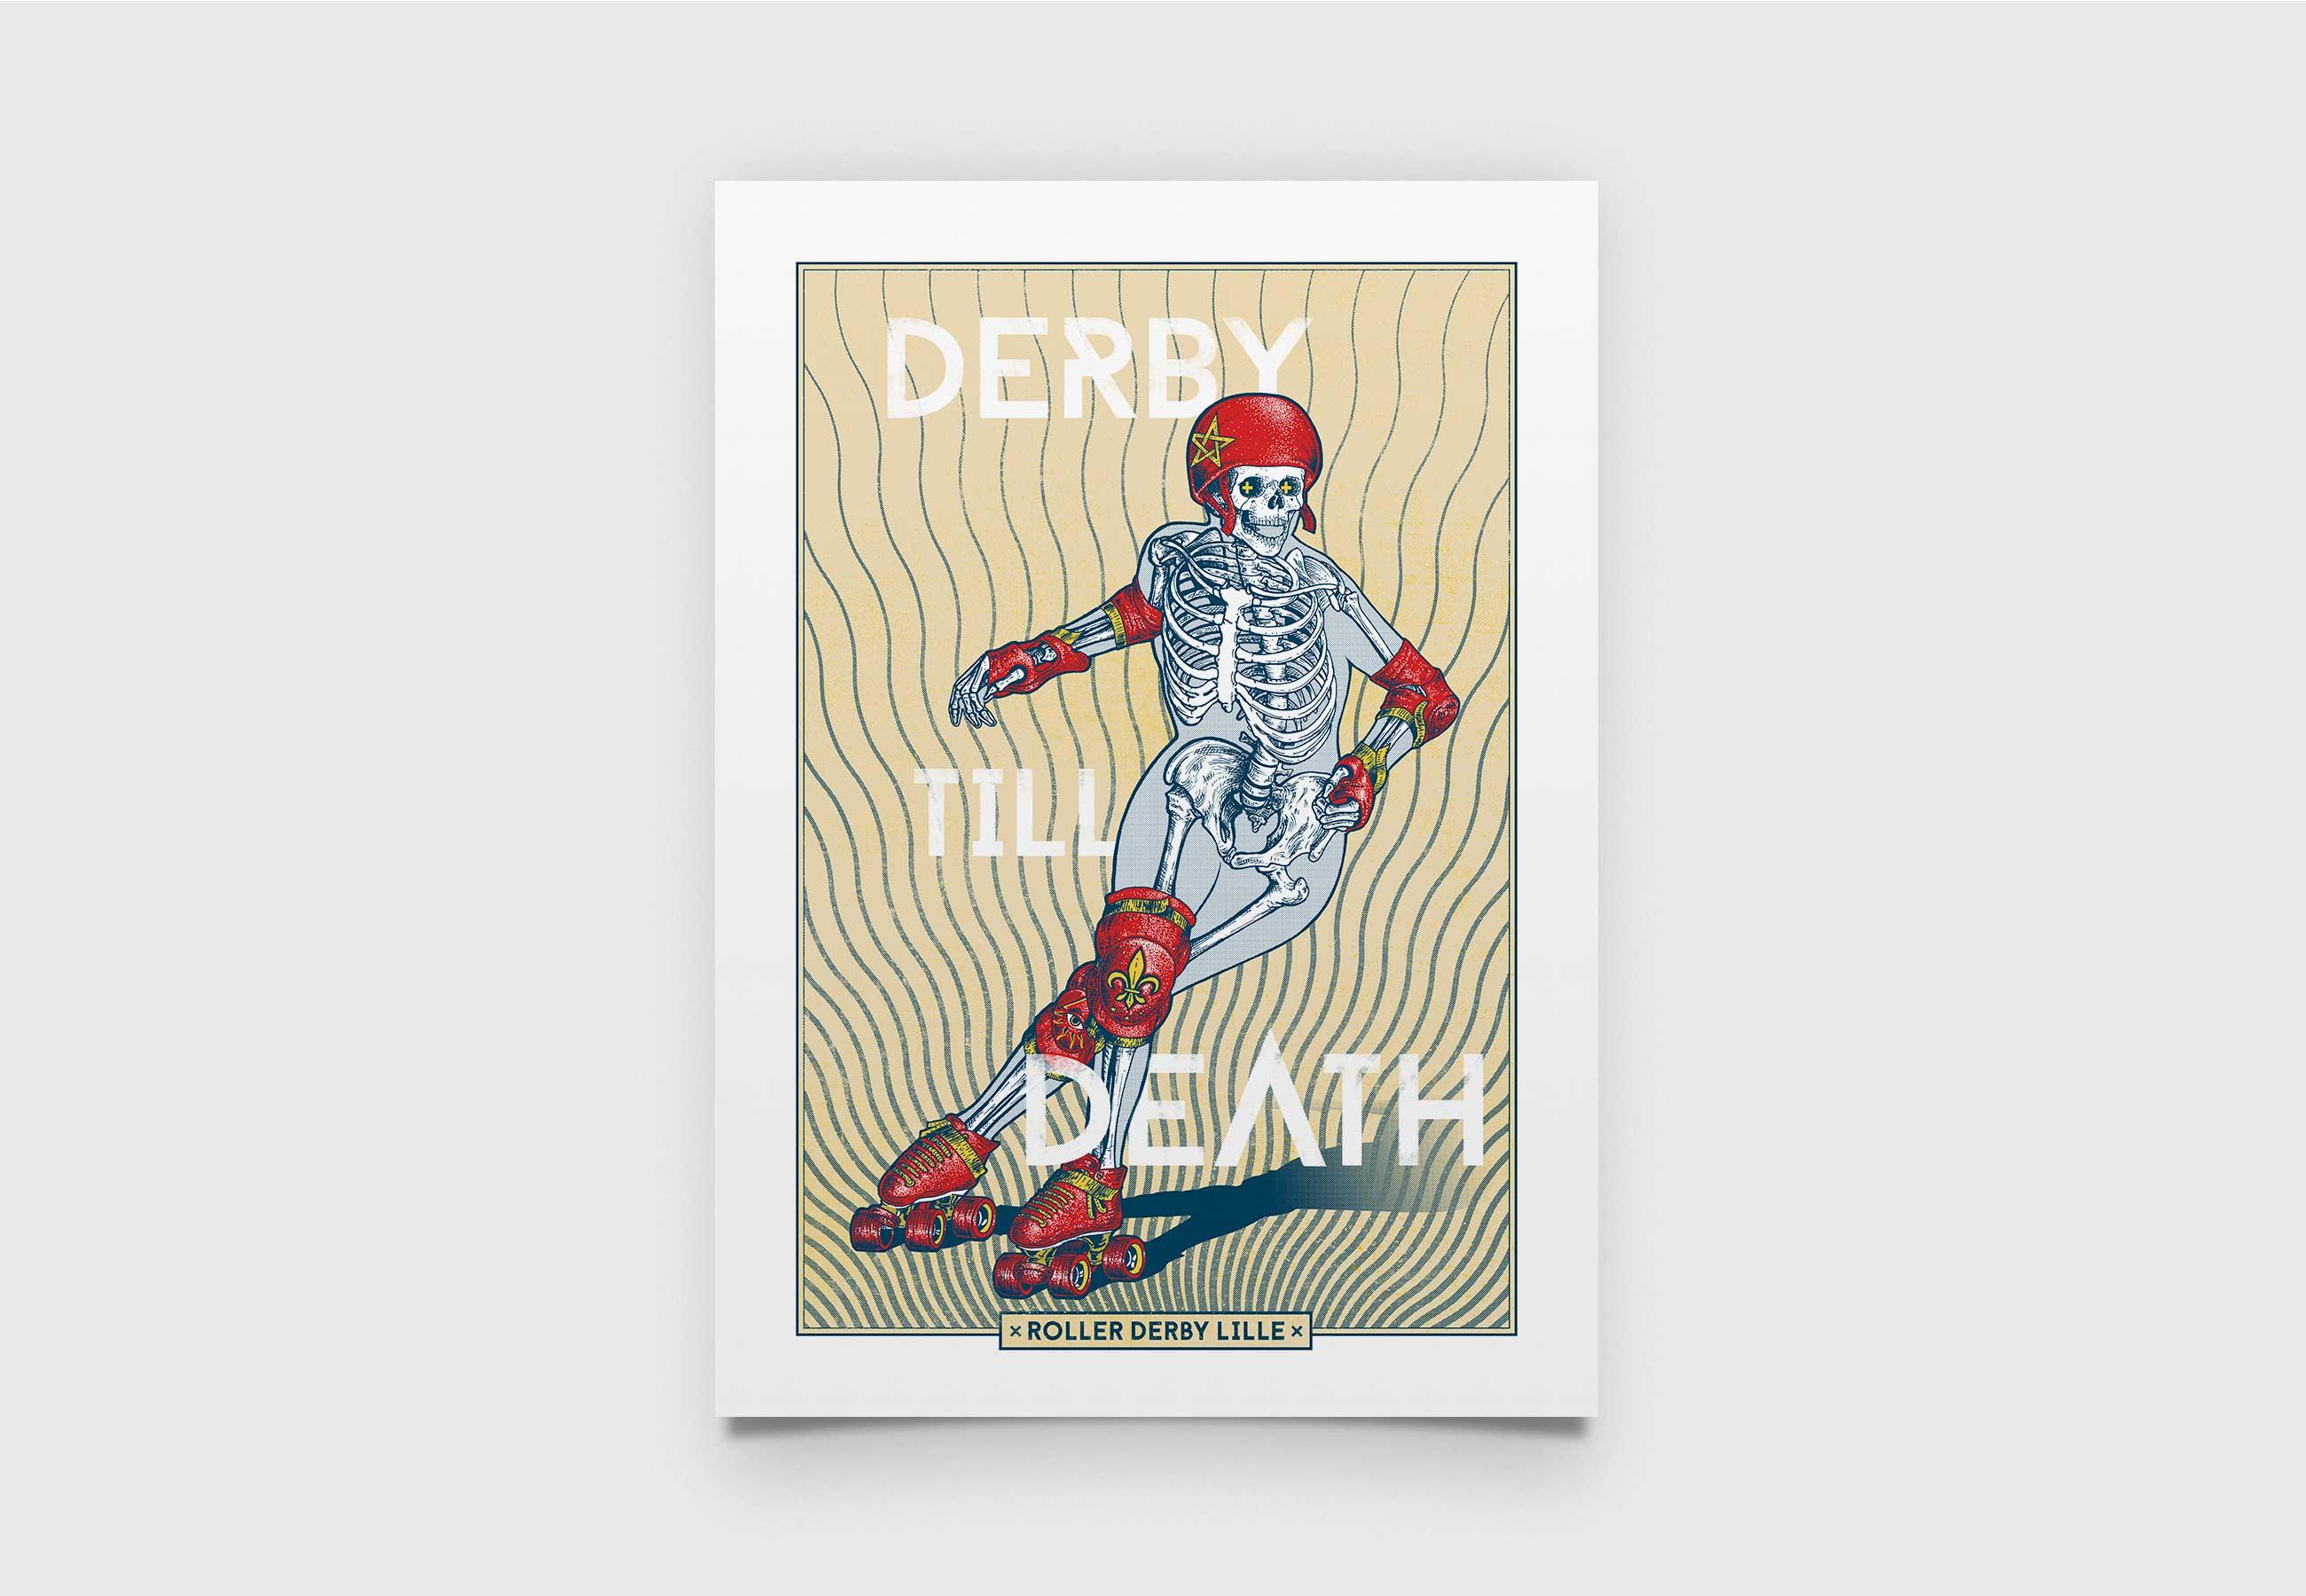 derby_till_death_02_parallele_graphique